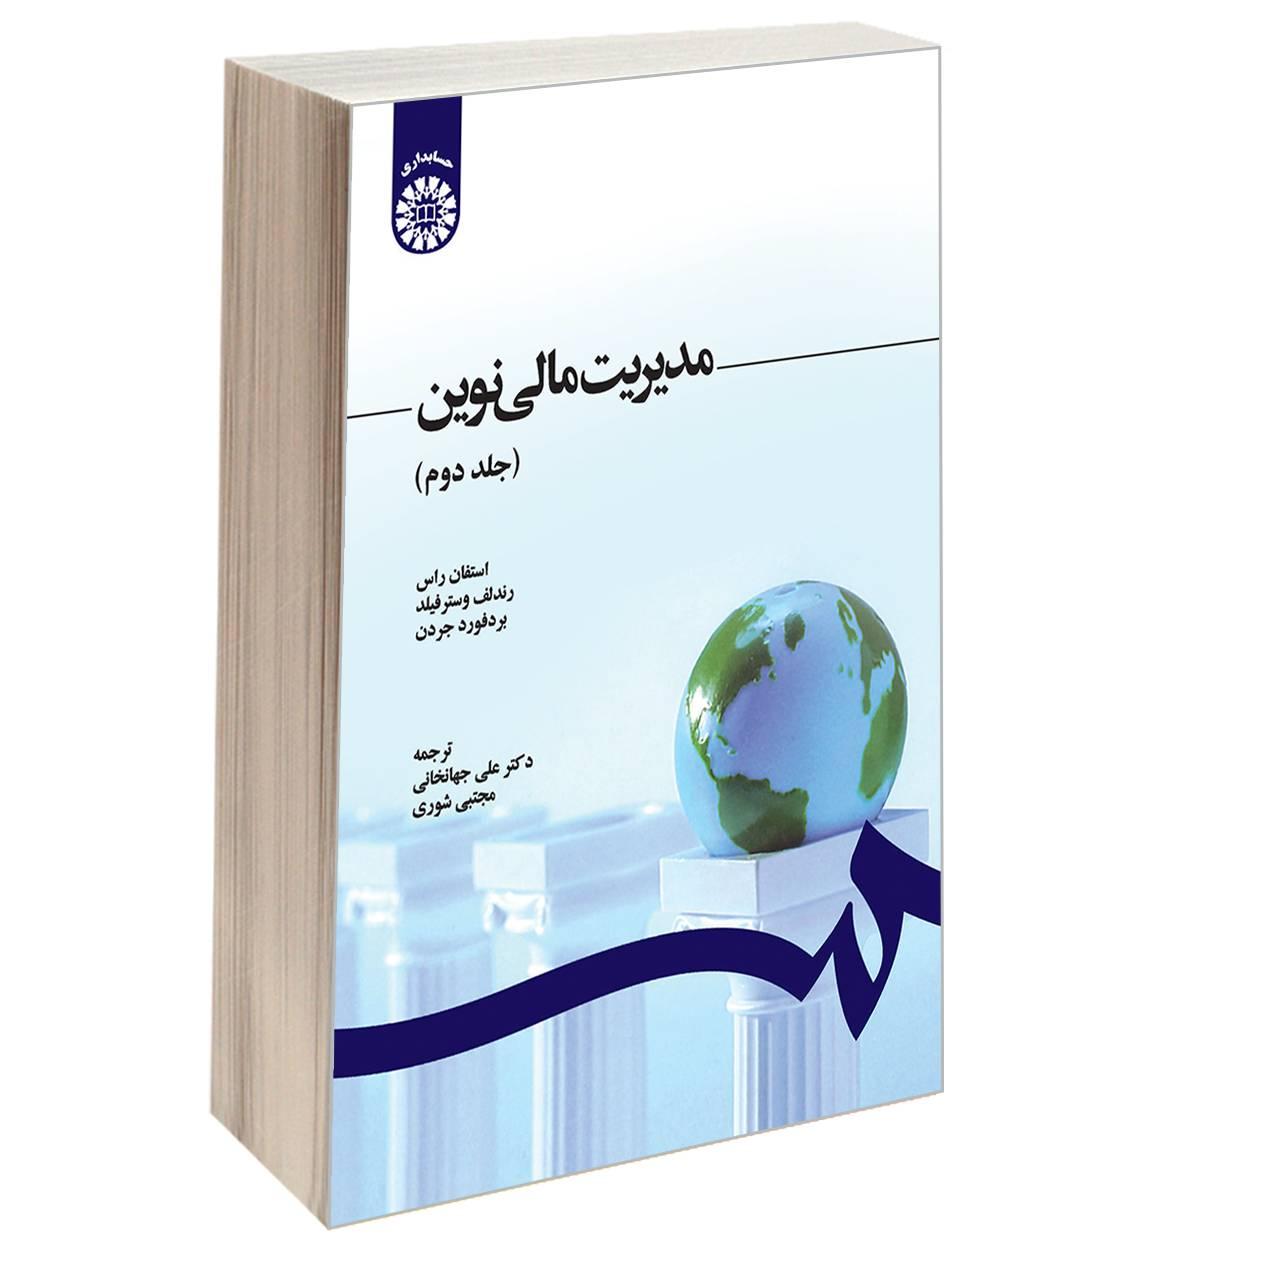 کتاب مدیریت مالی نوین اثر جمعی از نویسندگان نشر سمت جلد ۲